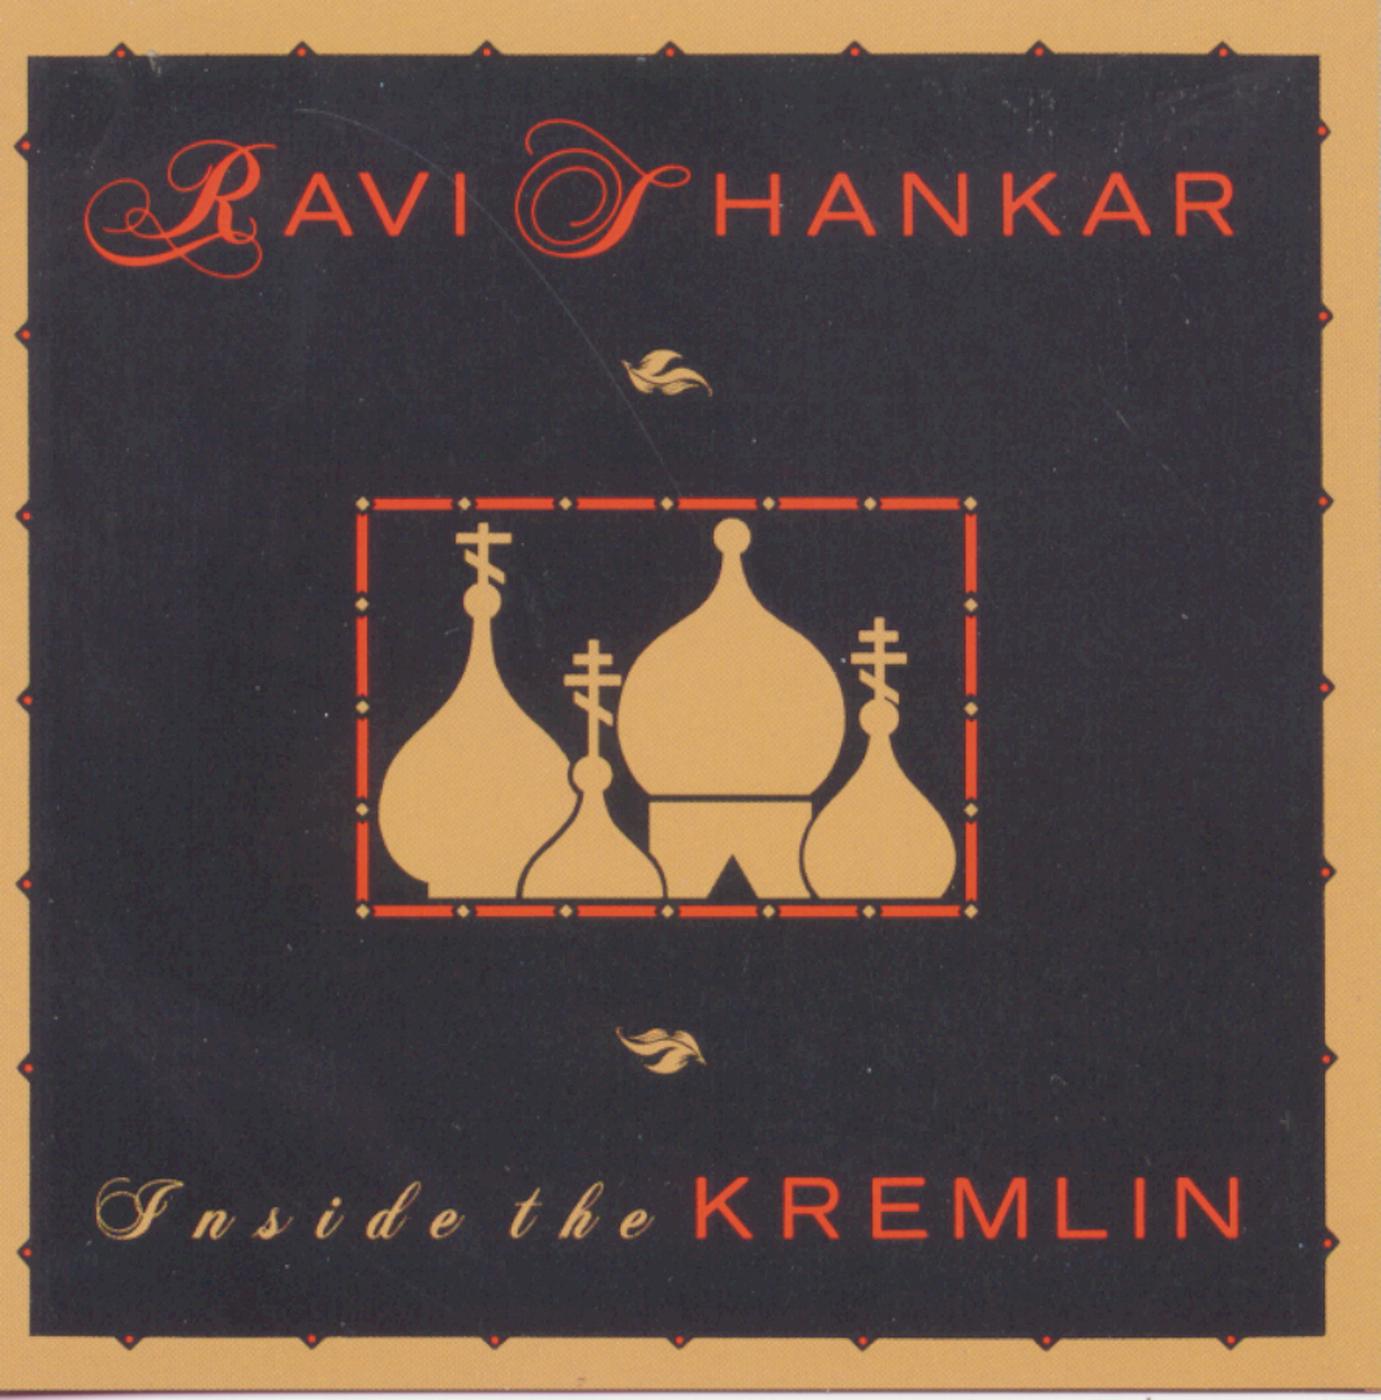 Inside The Kremlin - Ravi Shankar